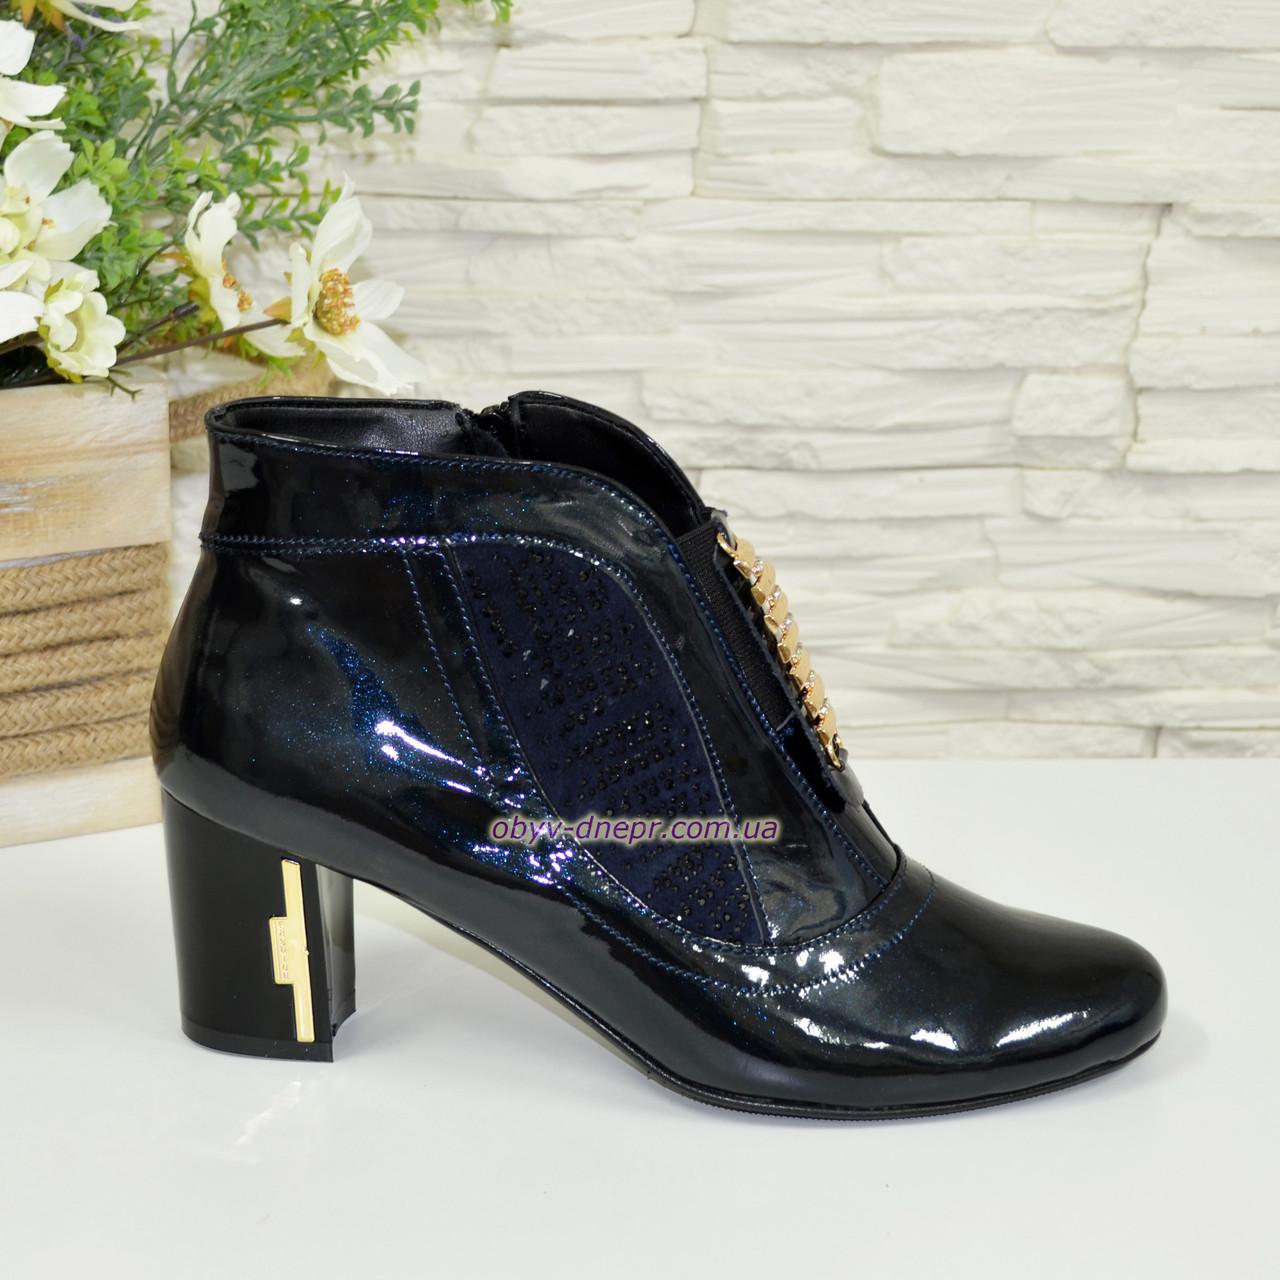 Стильные женские лаковые зимние ботинки, декорированы стразами и фурнитурой.